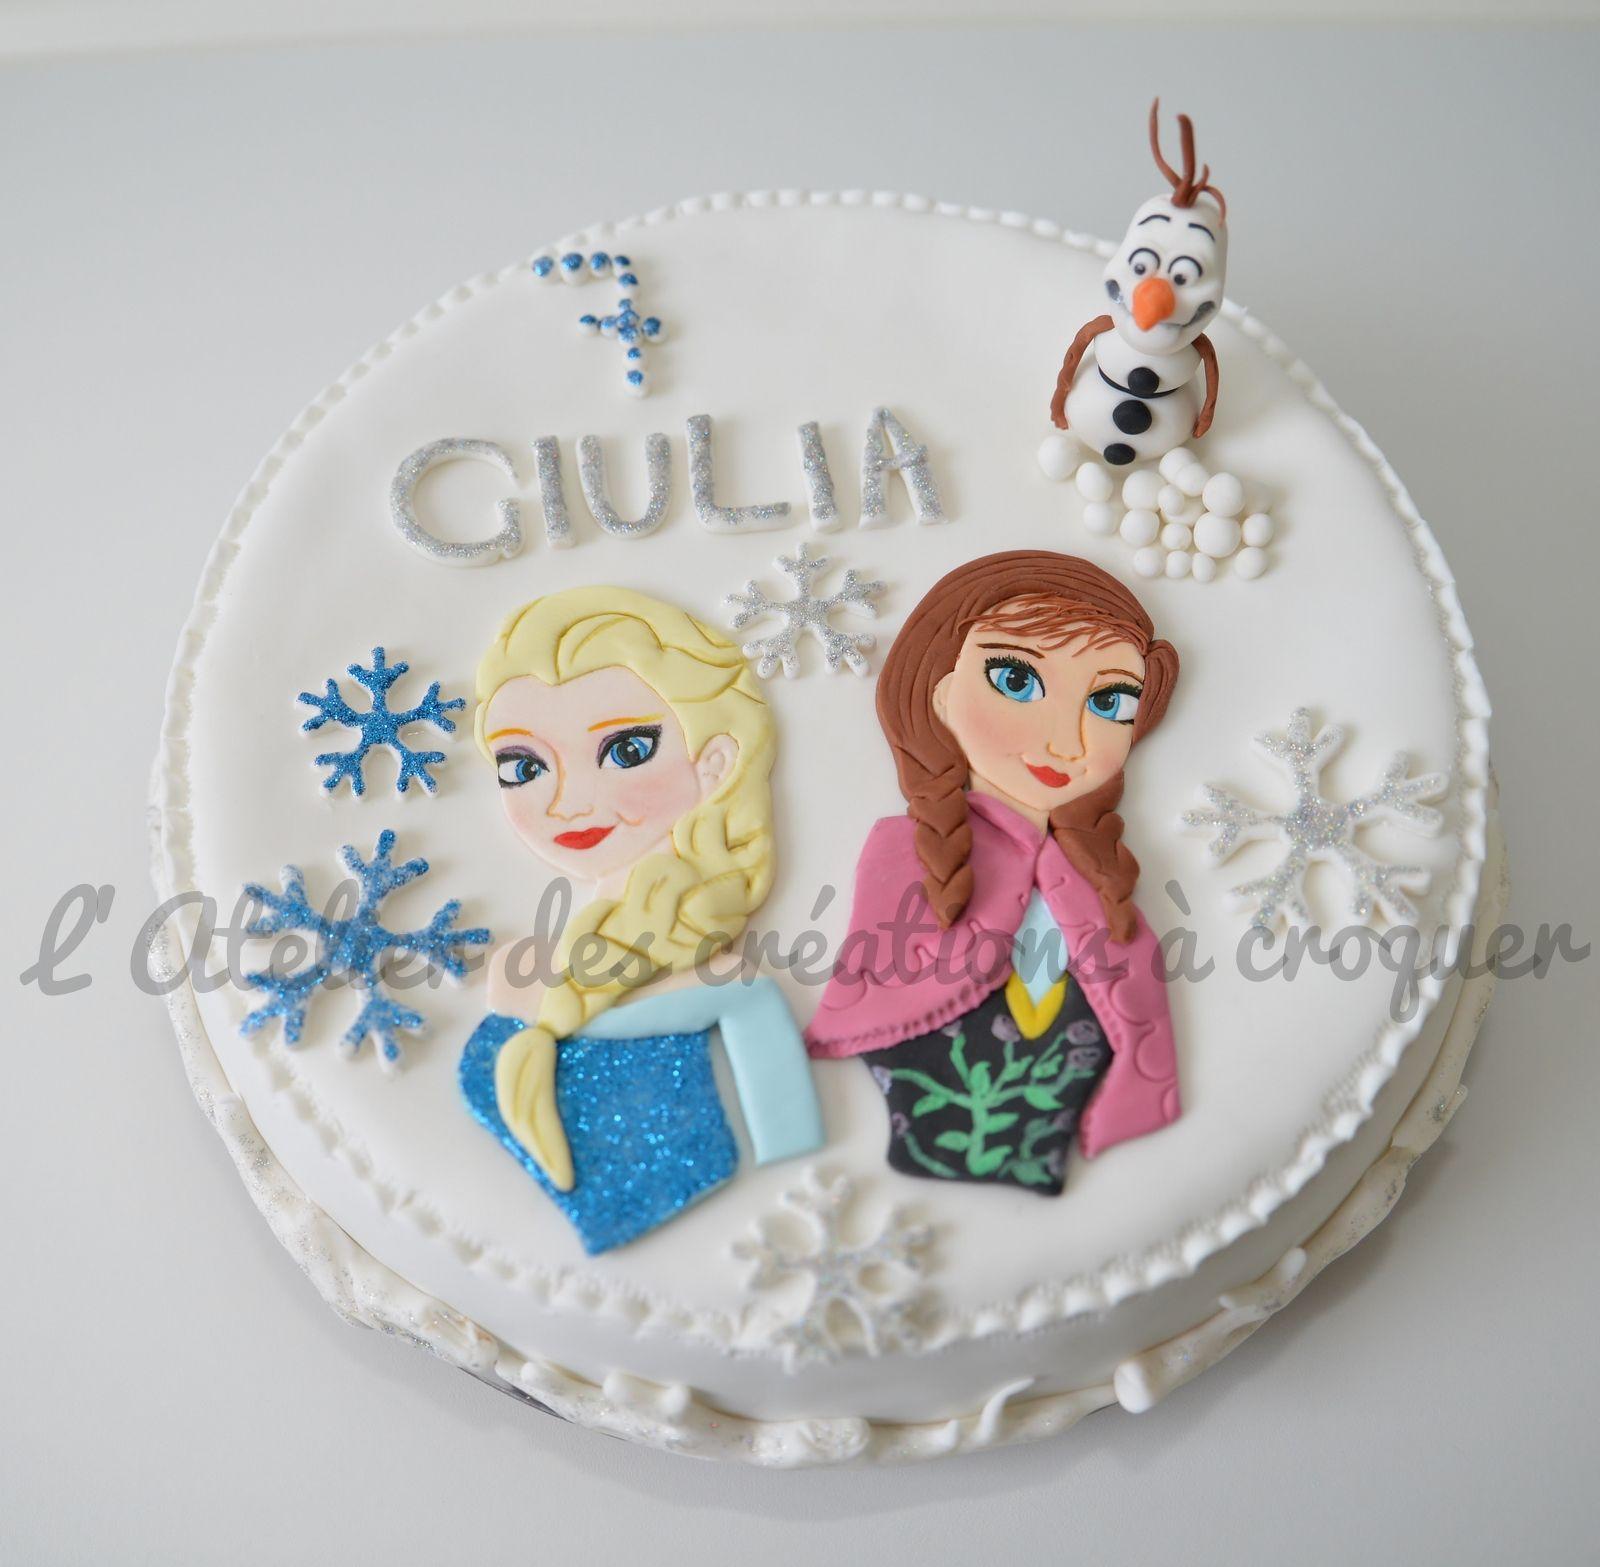 La reine des neiges gateaux pinterest - Gateau la reine des neiges ...